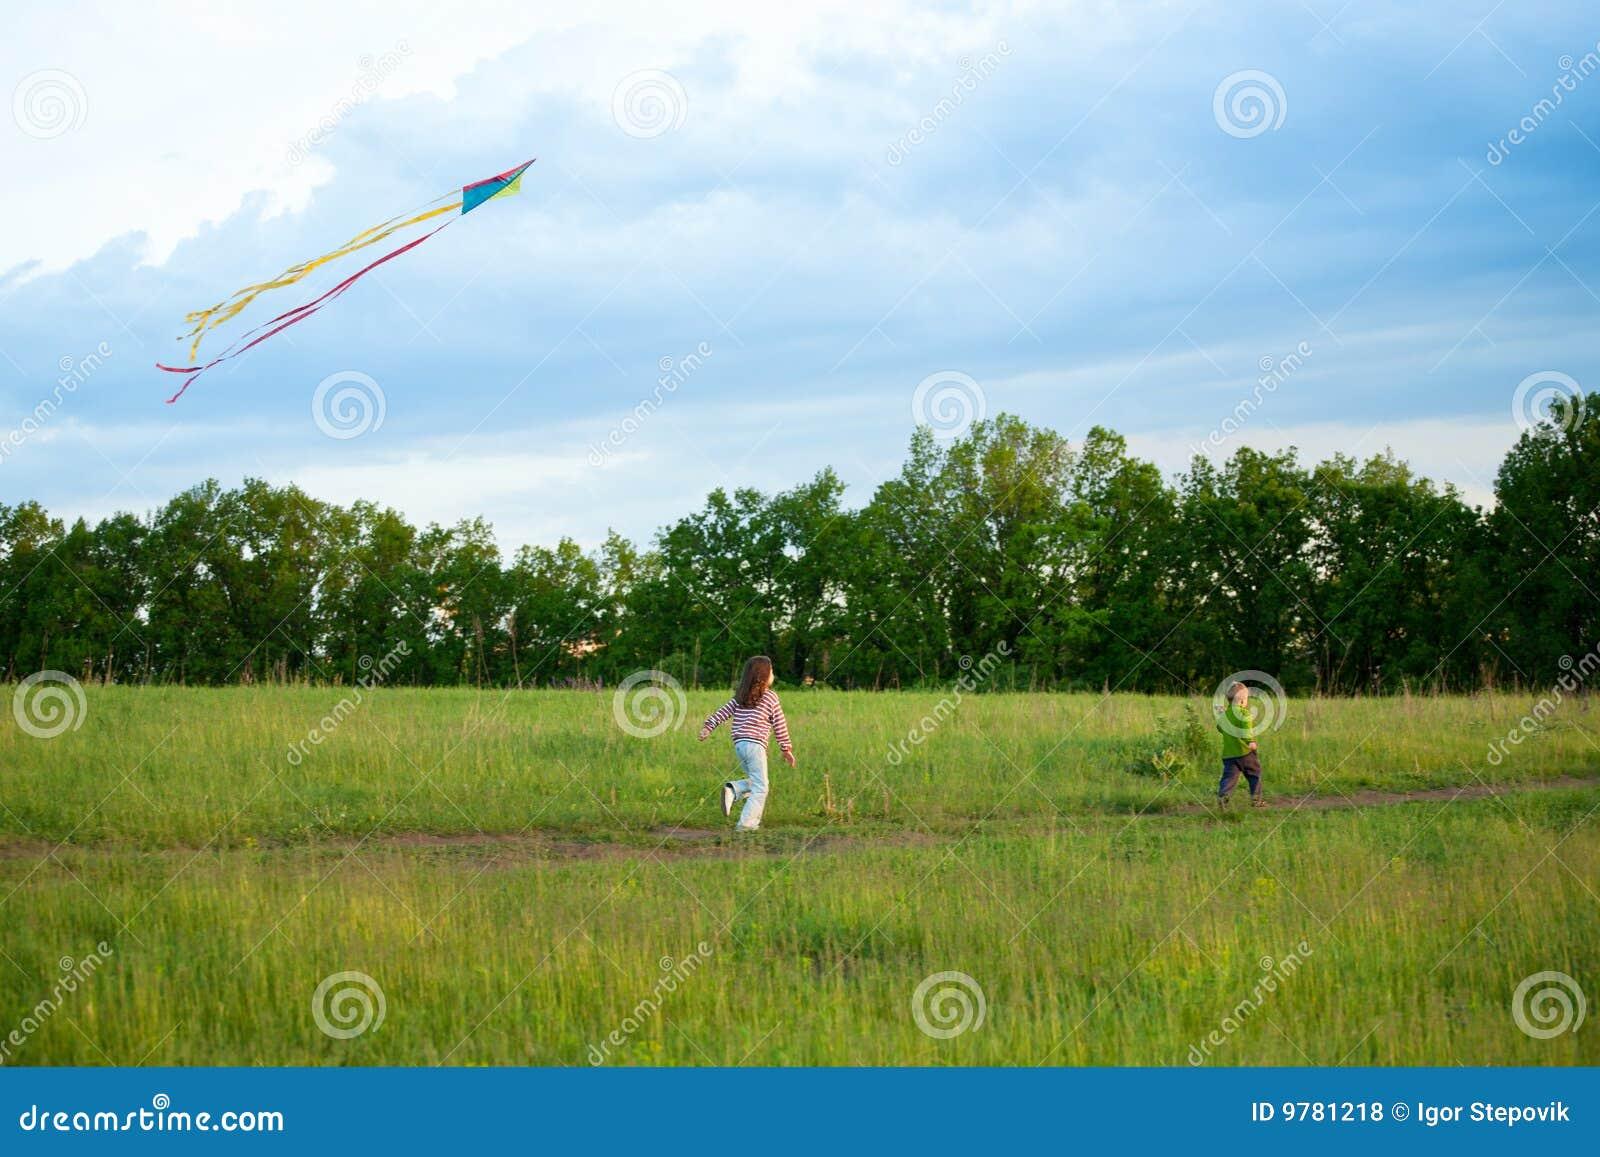 Duas crianças voam um papagaio